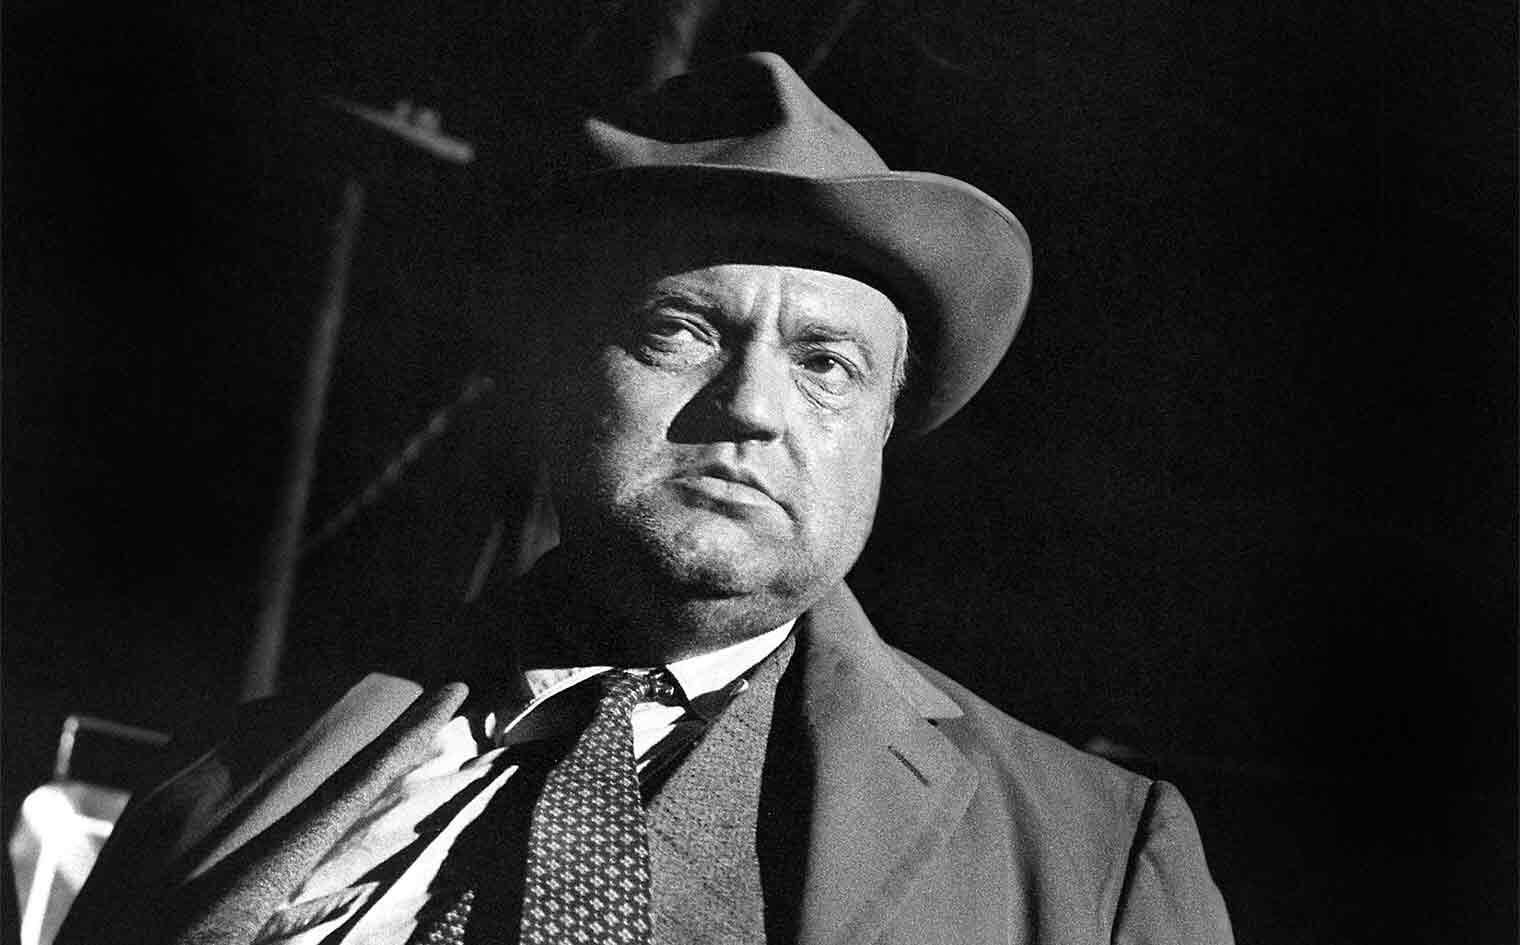 Orson Welles Citizen Kane Makeup